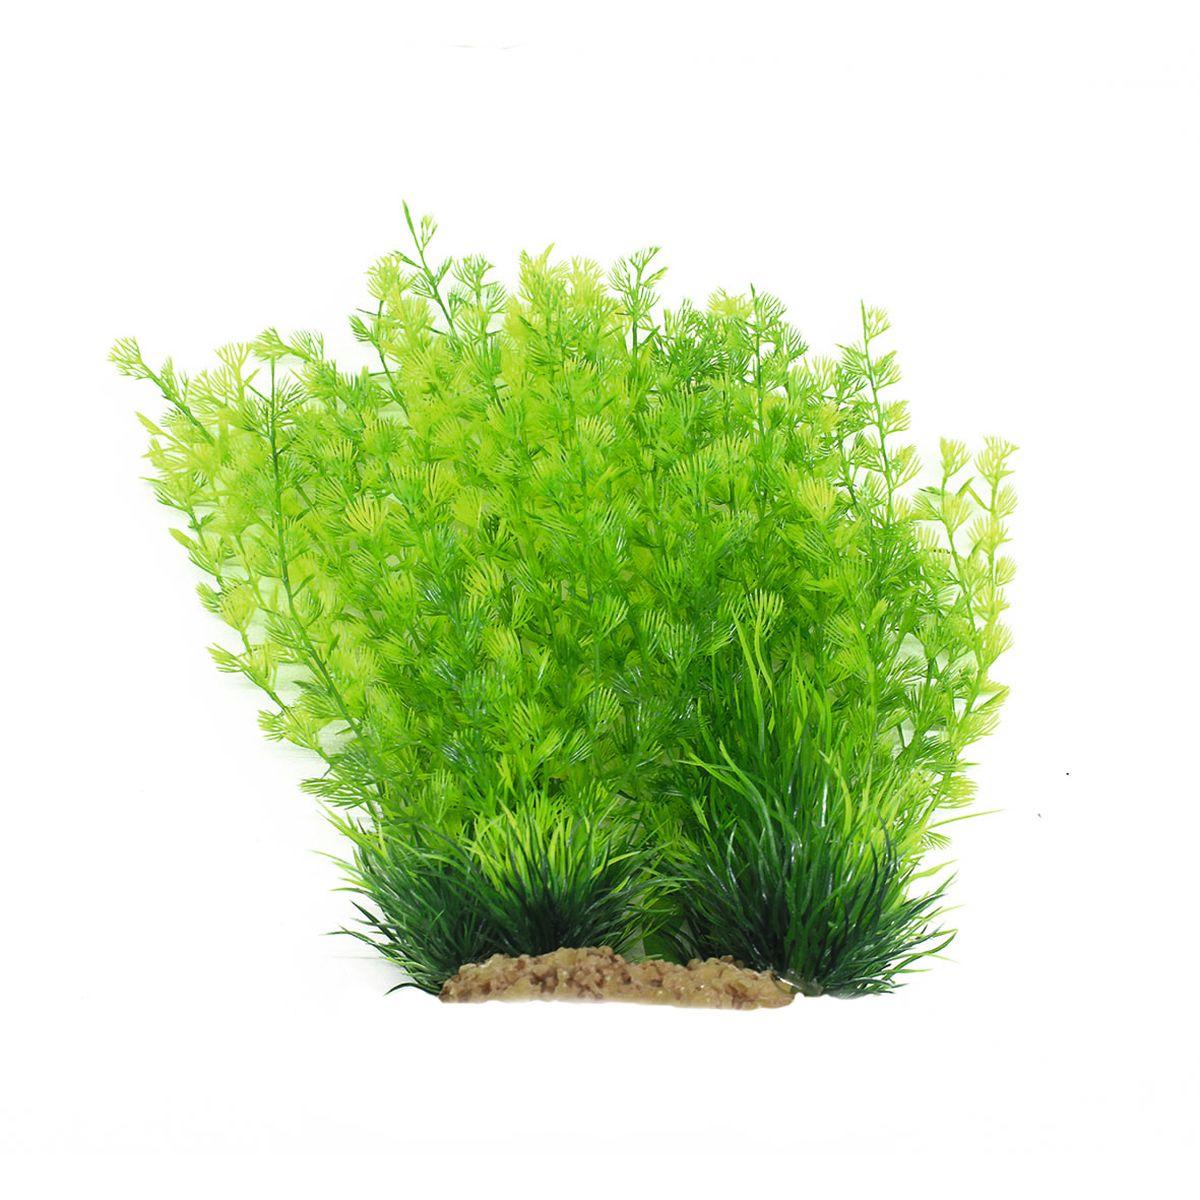 Растение для аквариума ArtUniq Кабомба, высота 25 смART-1160521Композиция из искусственных растений ArtUniq превосходно украсит и оживит аквариум.Растения - это важная часть любой композиции, они помогут вдохнуть жизнь в ландшафт любого аквариума или террариума. А их сходствос природными порадует даже самых взыскательных ценителей.